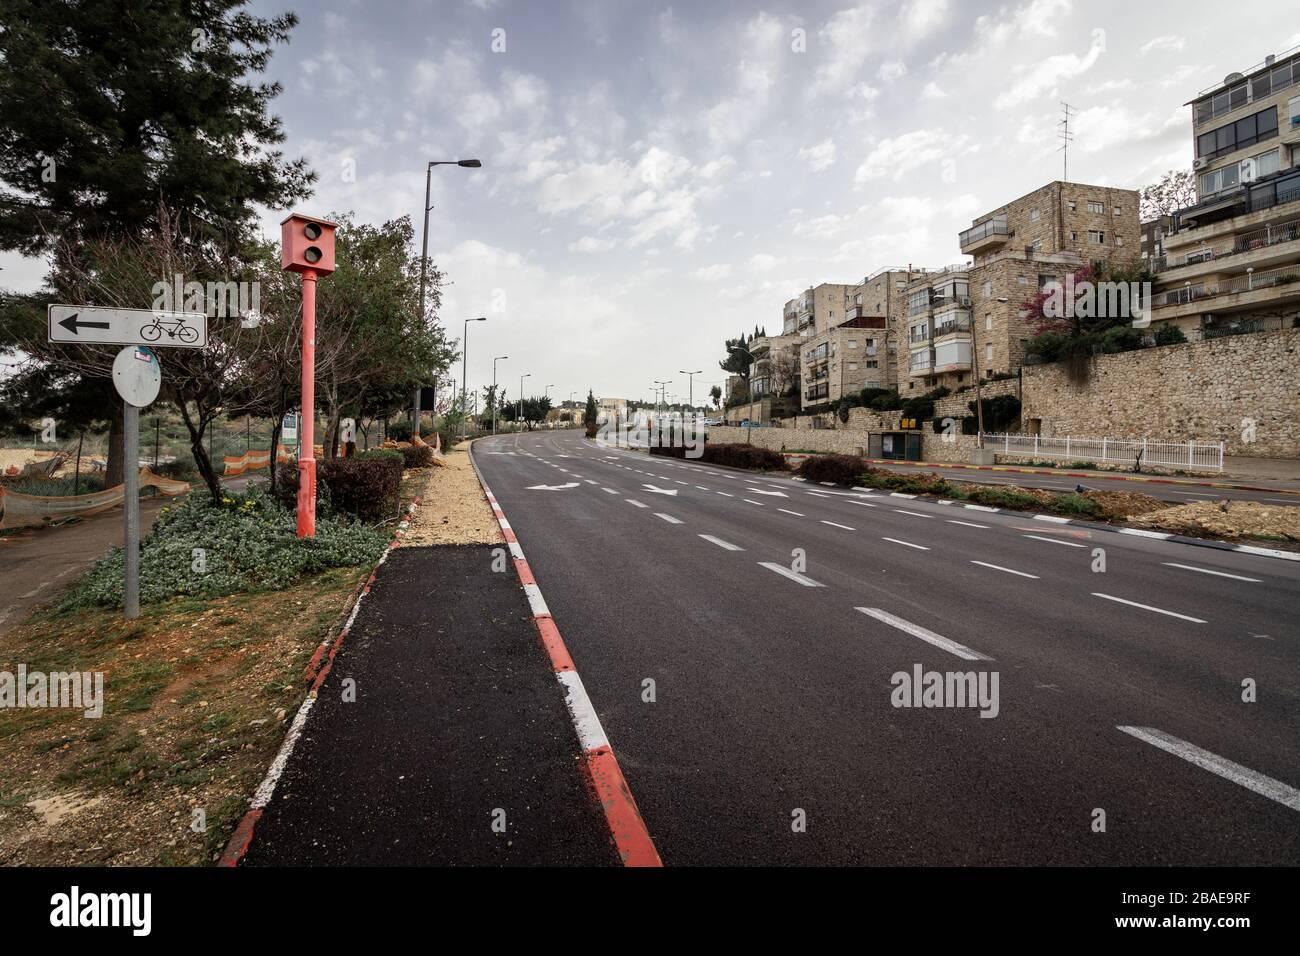 Jérusalem, Israël - Ha-rab Herzog Street - 27 03 2020: Les rues vides pendant le virus Corona mettent en quarantaine une vue de la route principale Banque D'Images